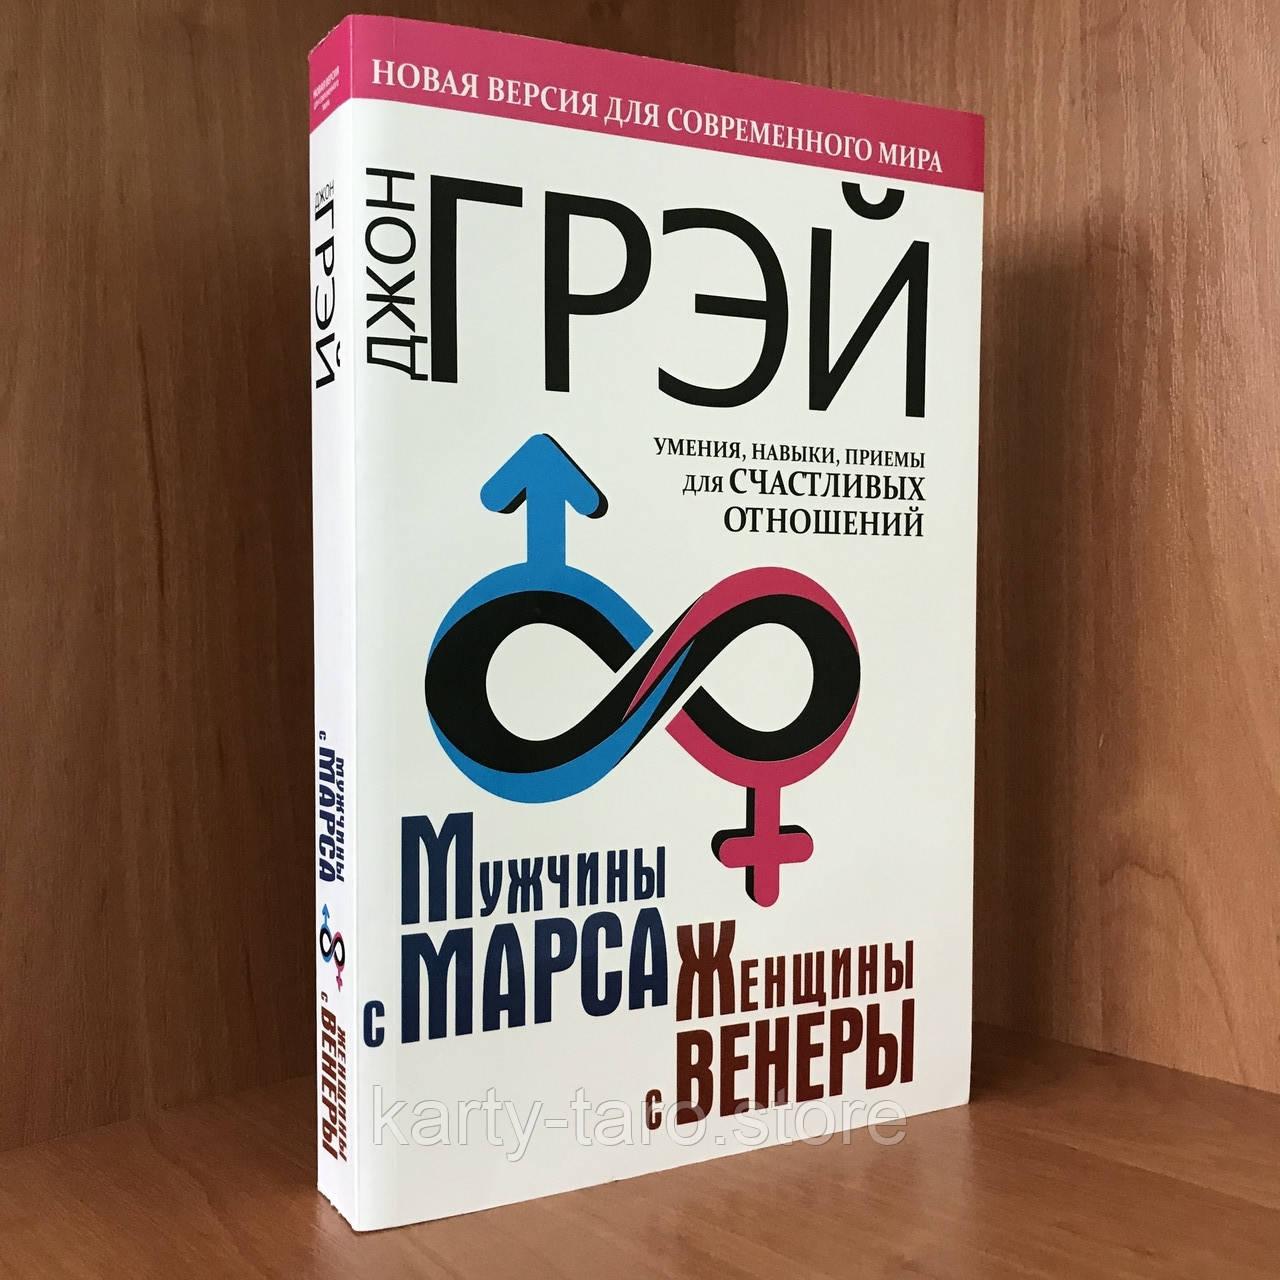 Книга Чоловіки з Марса, жінки з Венери. Нова версія для сучасного світу - Джон Грей